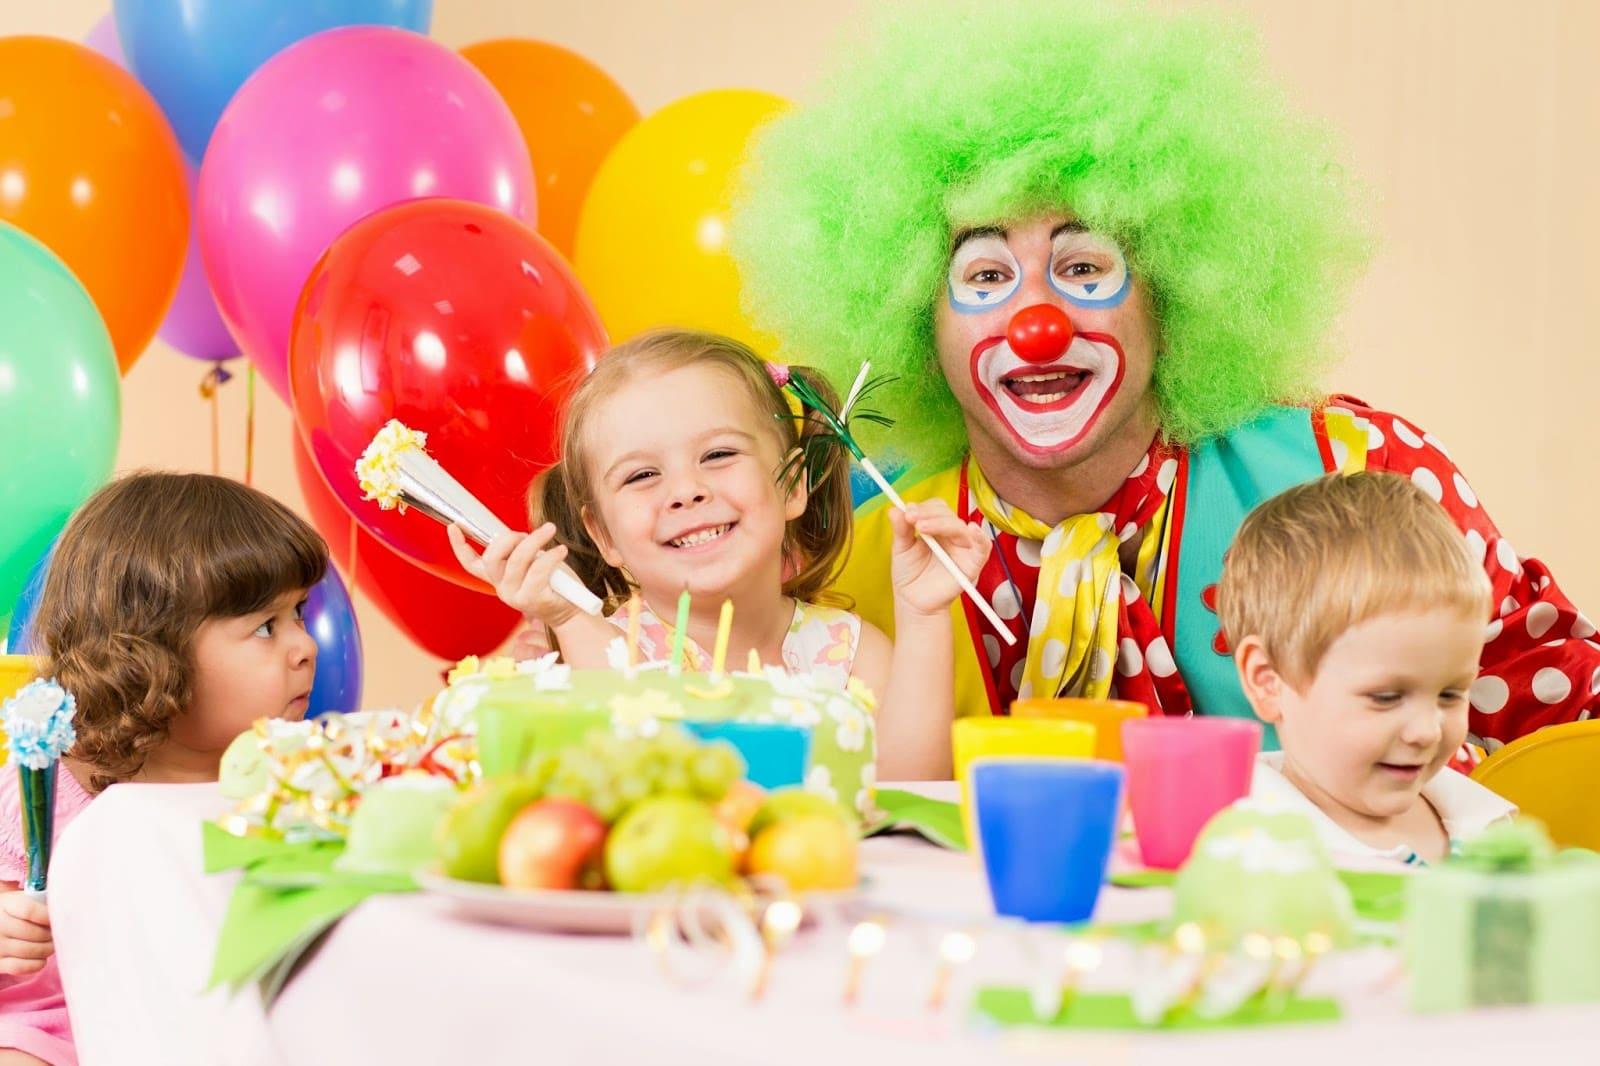 Детские праздники - заказать в Красногорске | ШИК